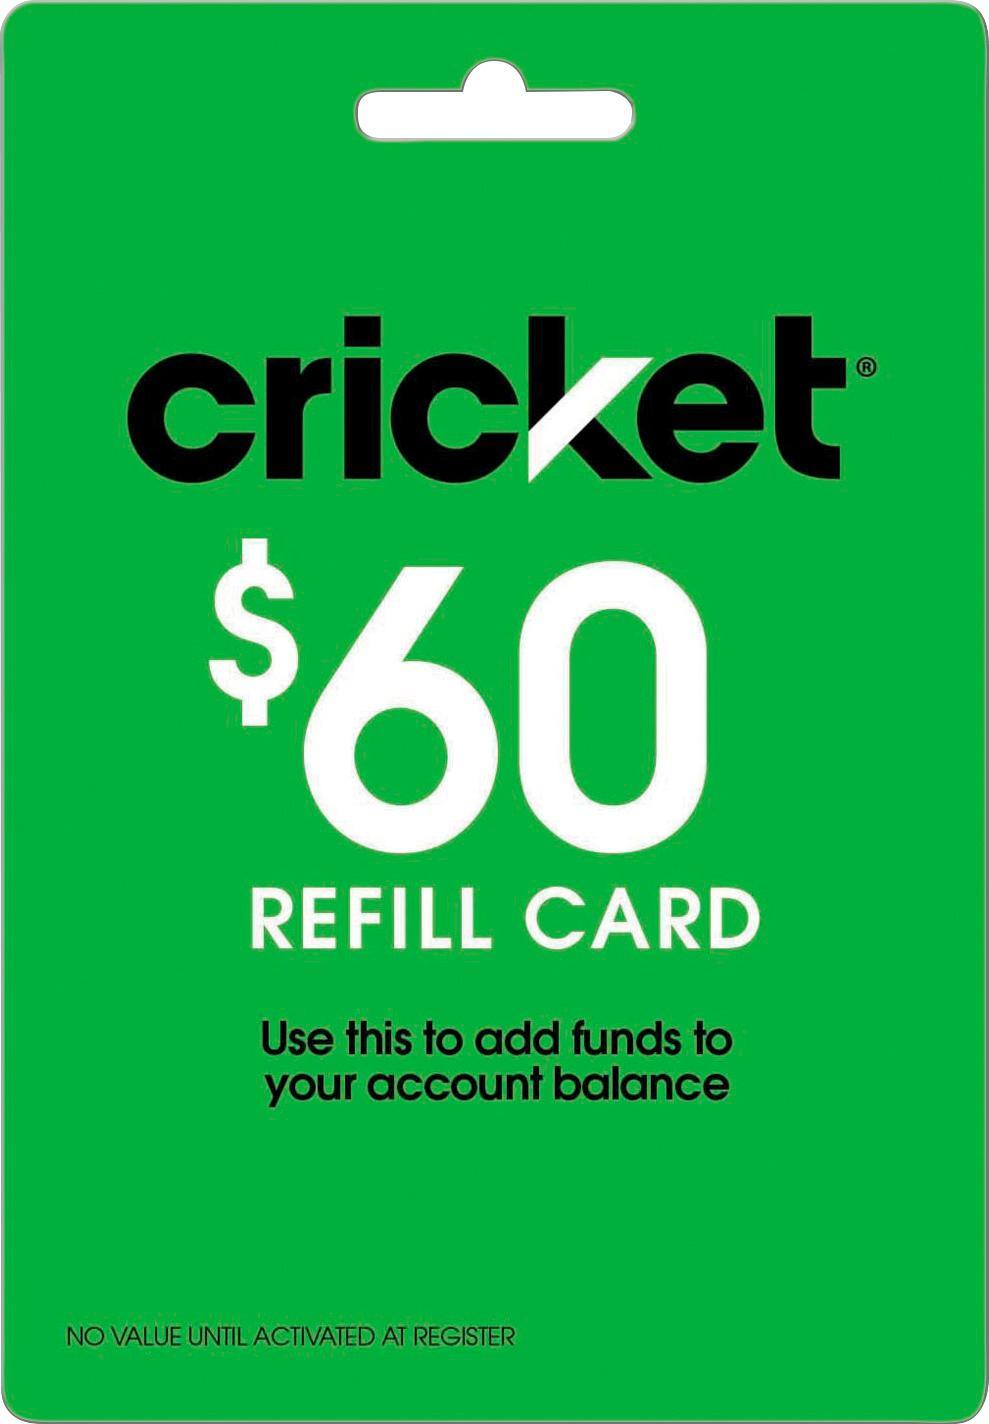 $60 Cricket Refill Card + Cricket SIM + Nokia 3310 3G for $58